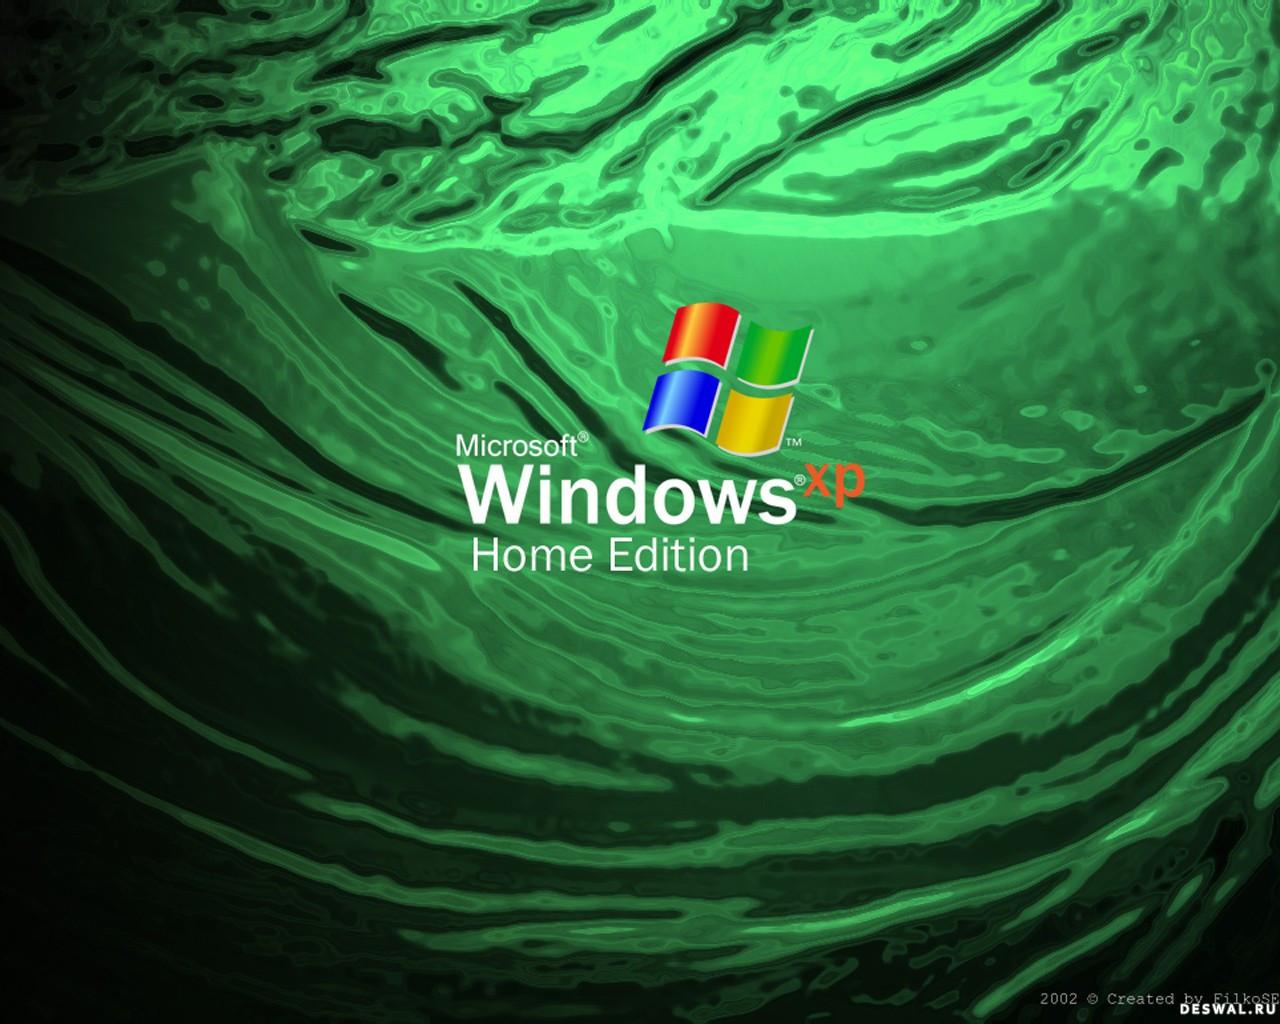 Фото 54. Нажмите на картинку с обоями windows, чтобы просмотреть ее в реальном размере